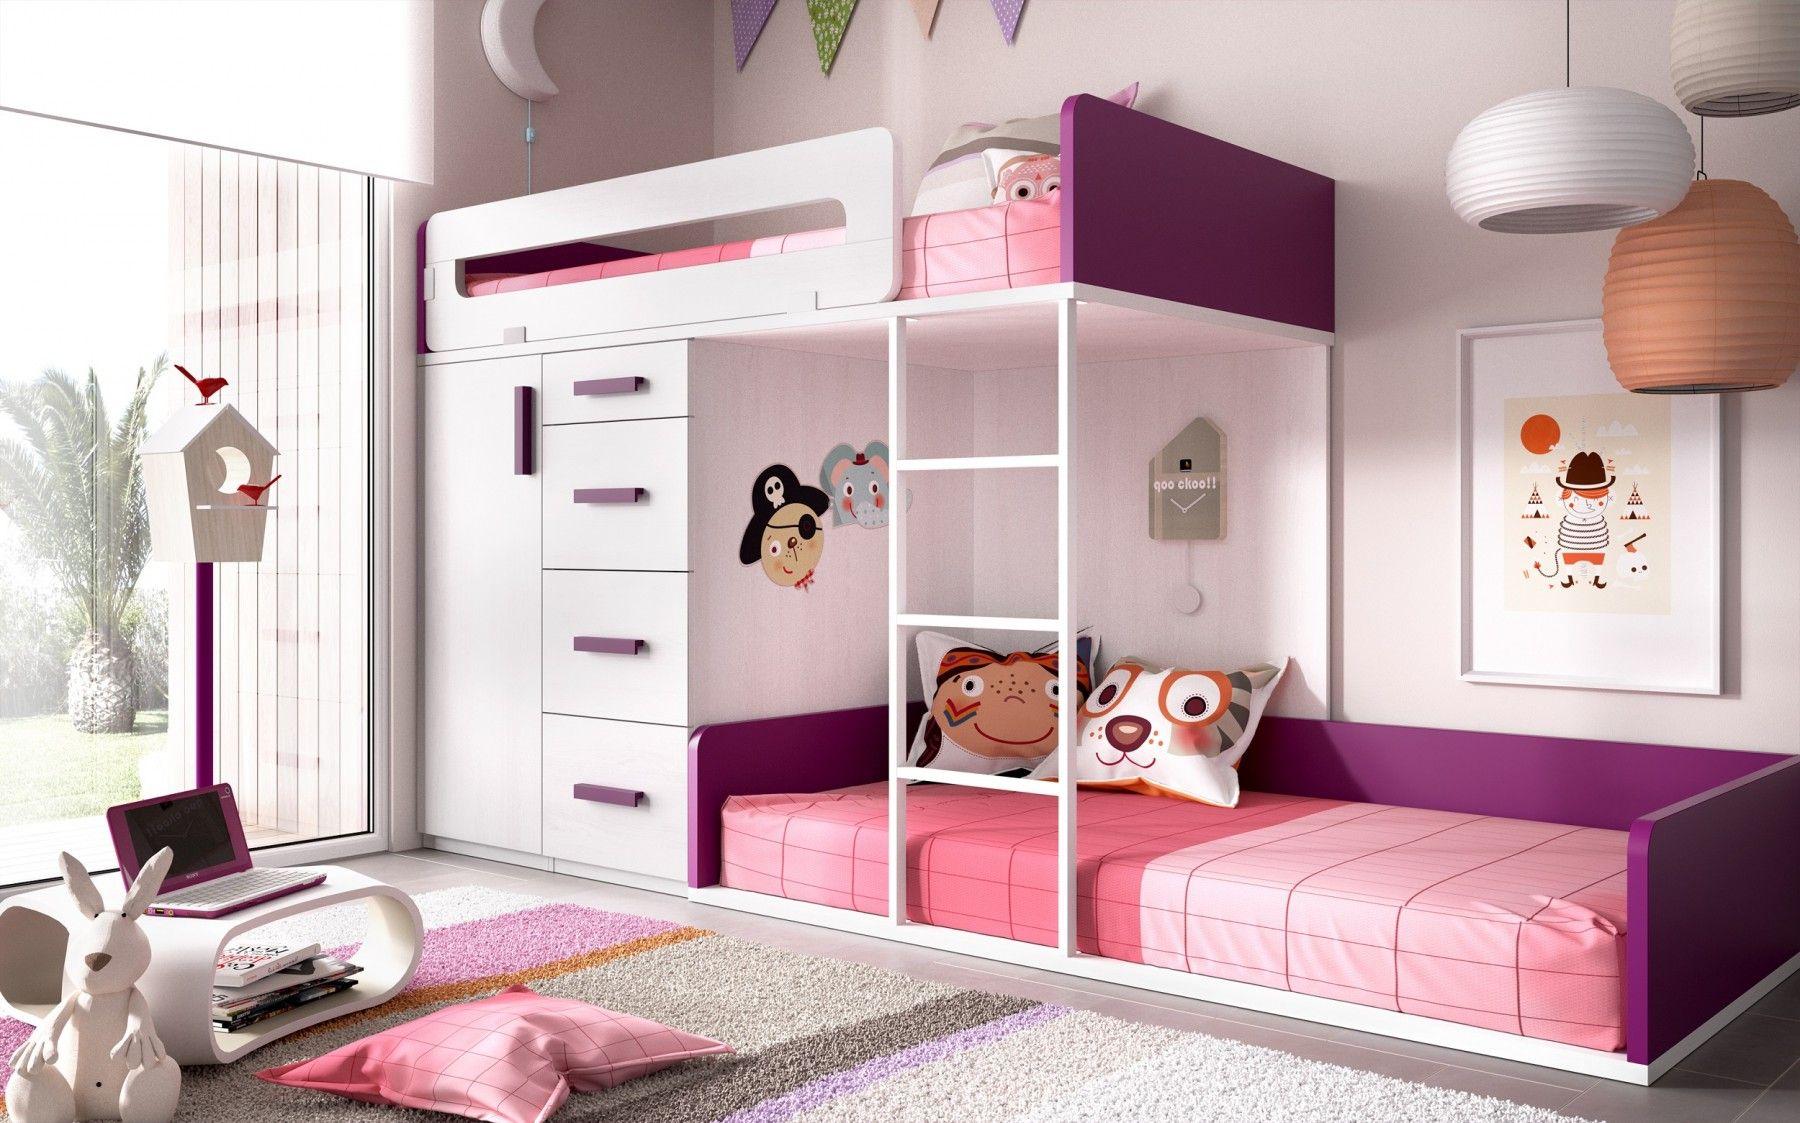 Hochbett Kinderzimmer Jump 319   Kinder  Und Jugendzimmer Sets   Kinder U0026  Jugendzimmer | Ambiato.de   Traum Vom Raum